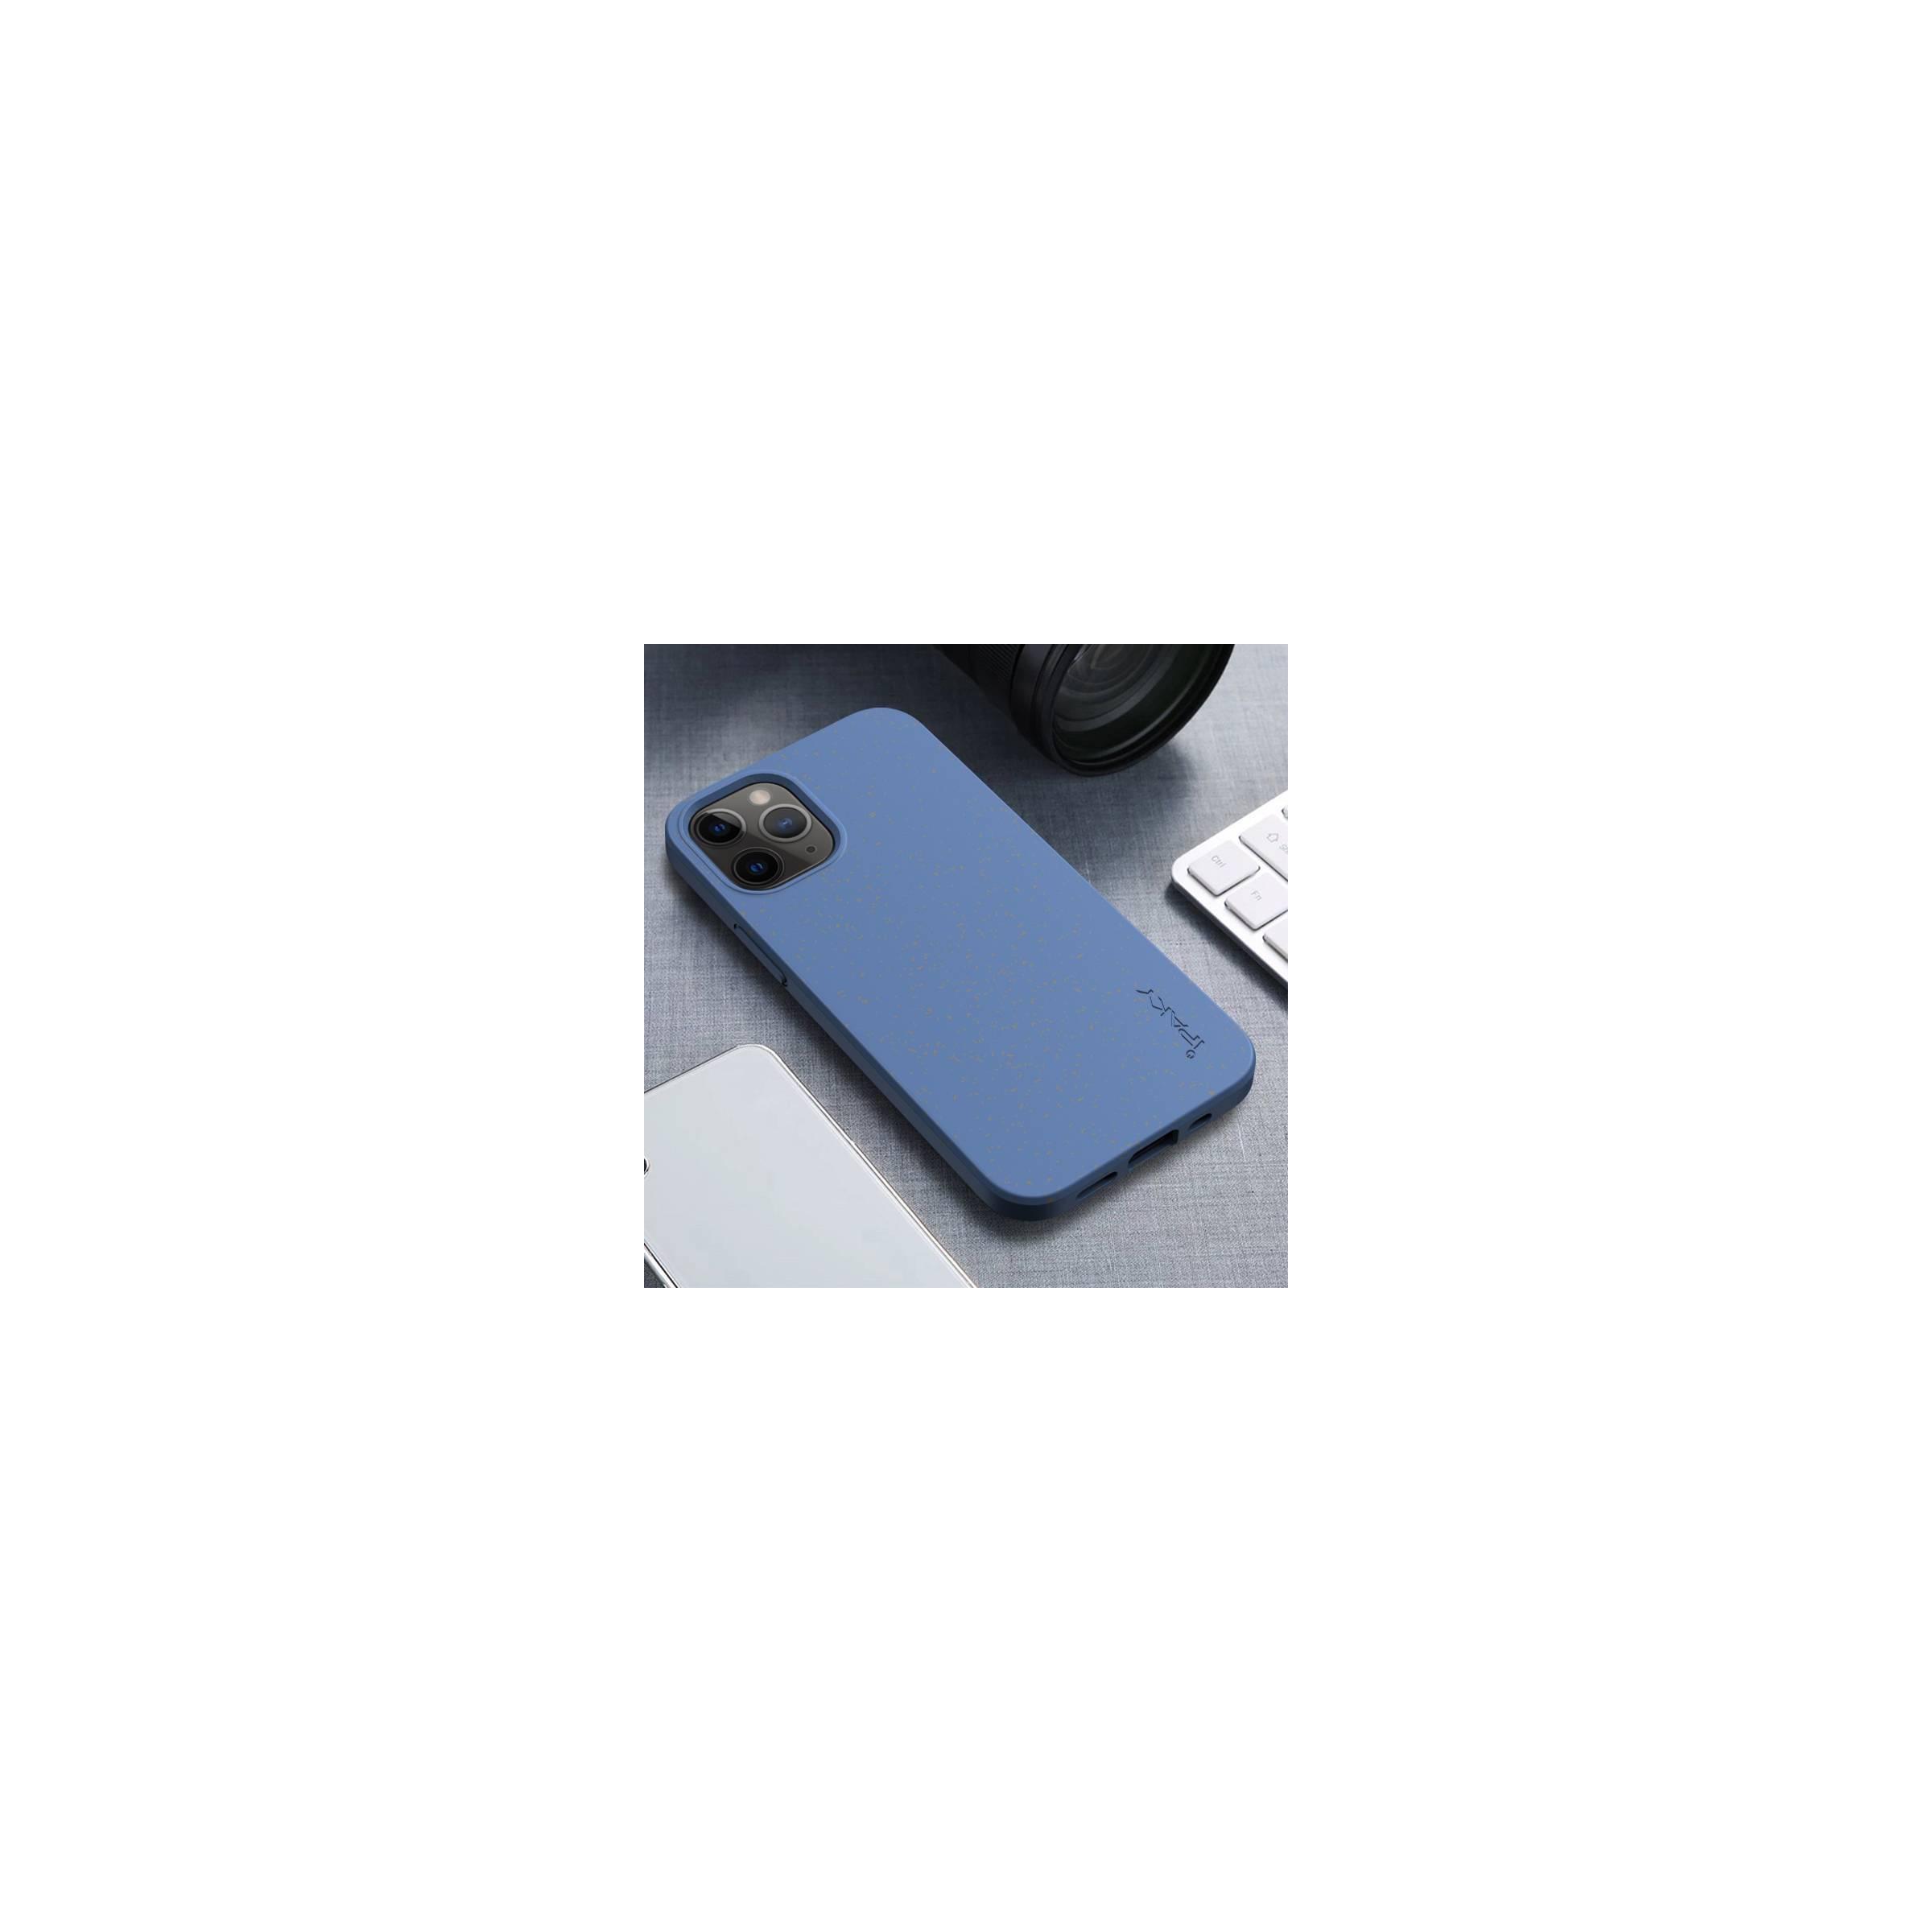 """kina oem – Miljørigtigt iphone 12 mini silikone cover 5,4"""" flere farver farve blå fra mackabler.dk"""